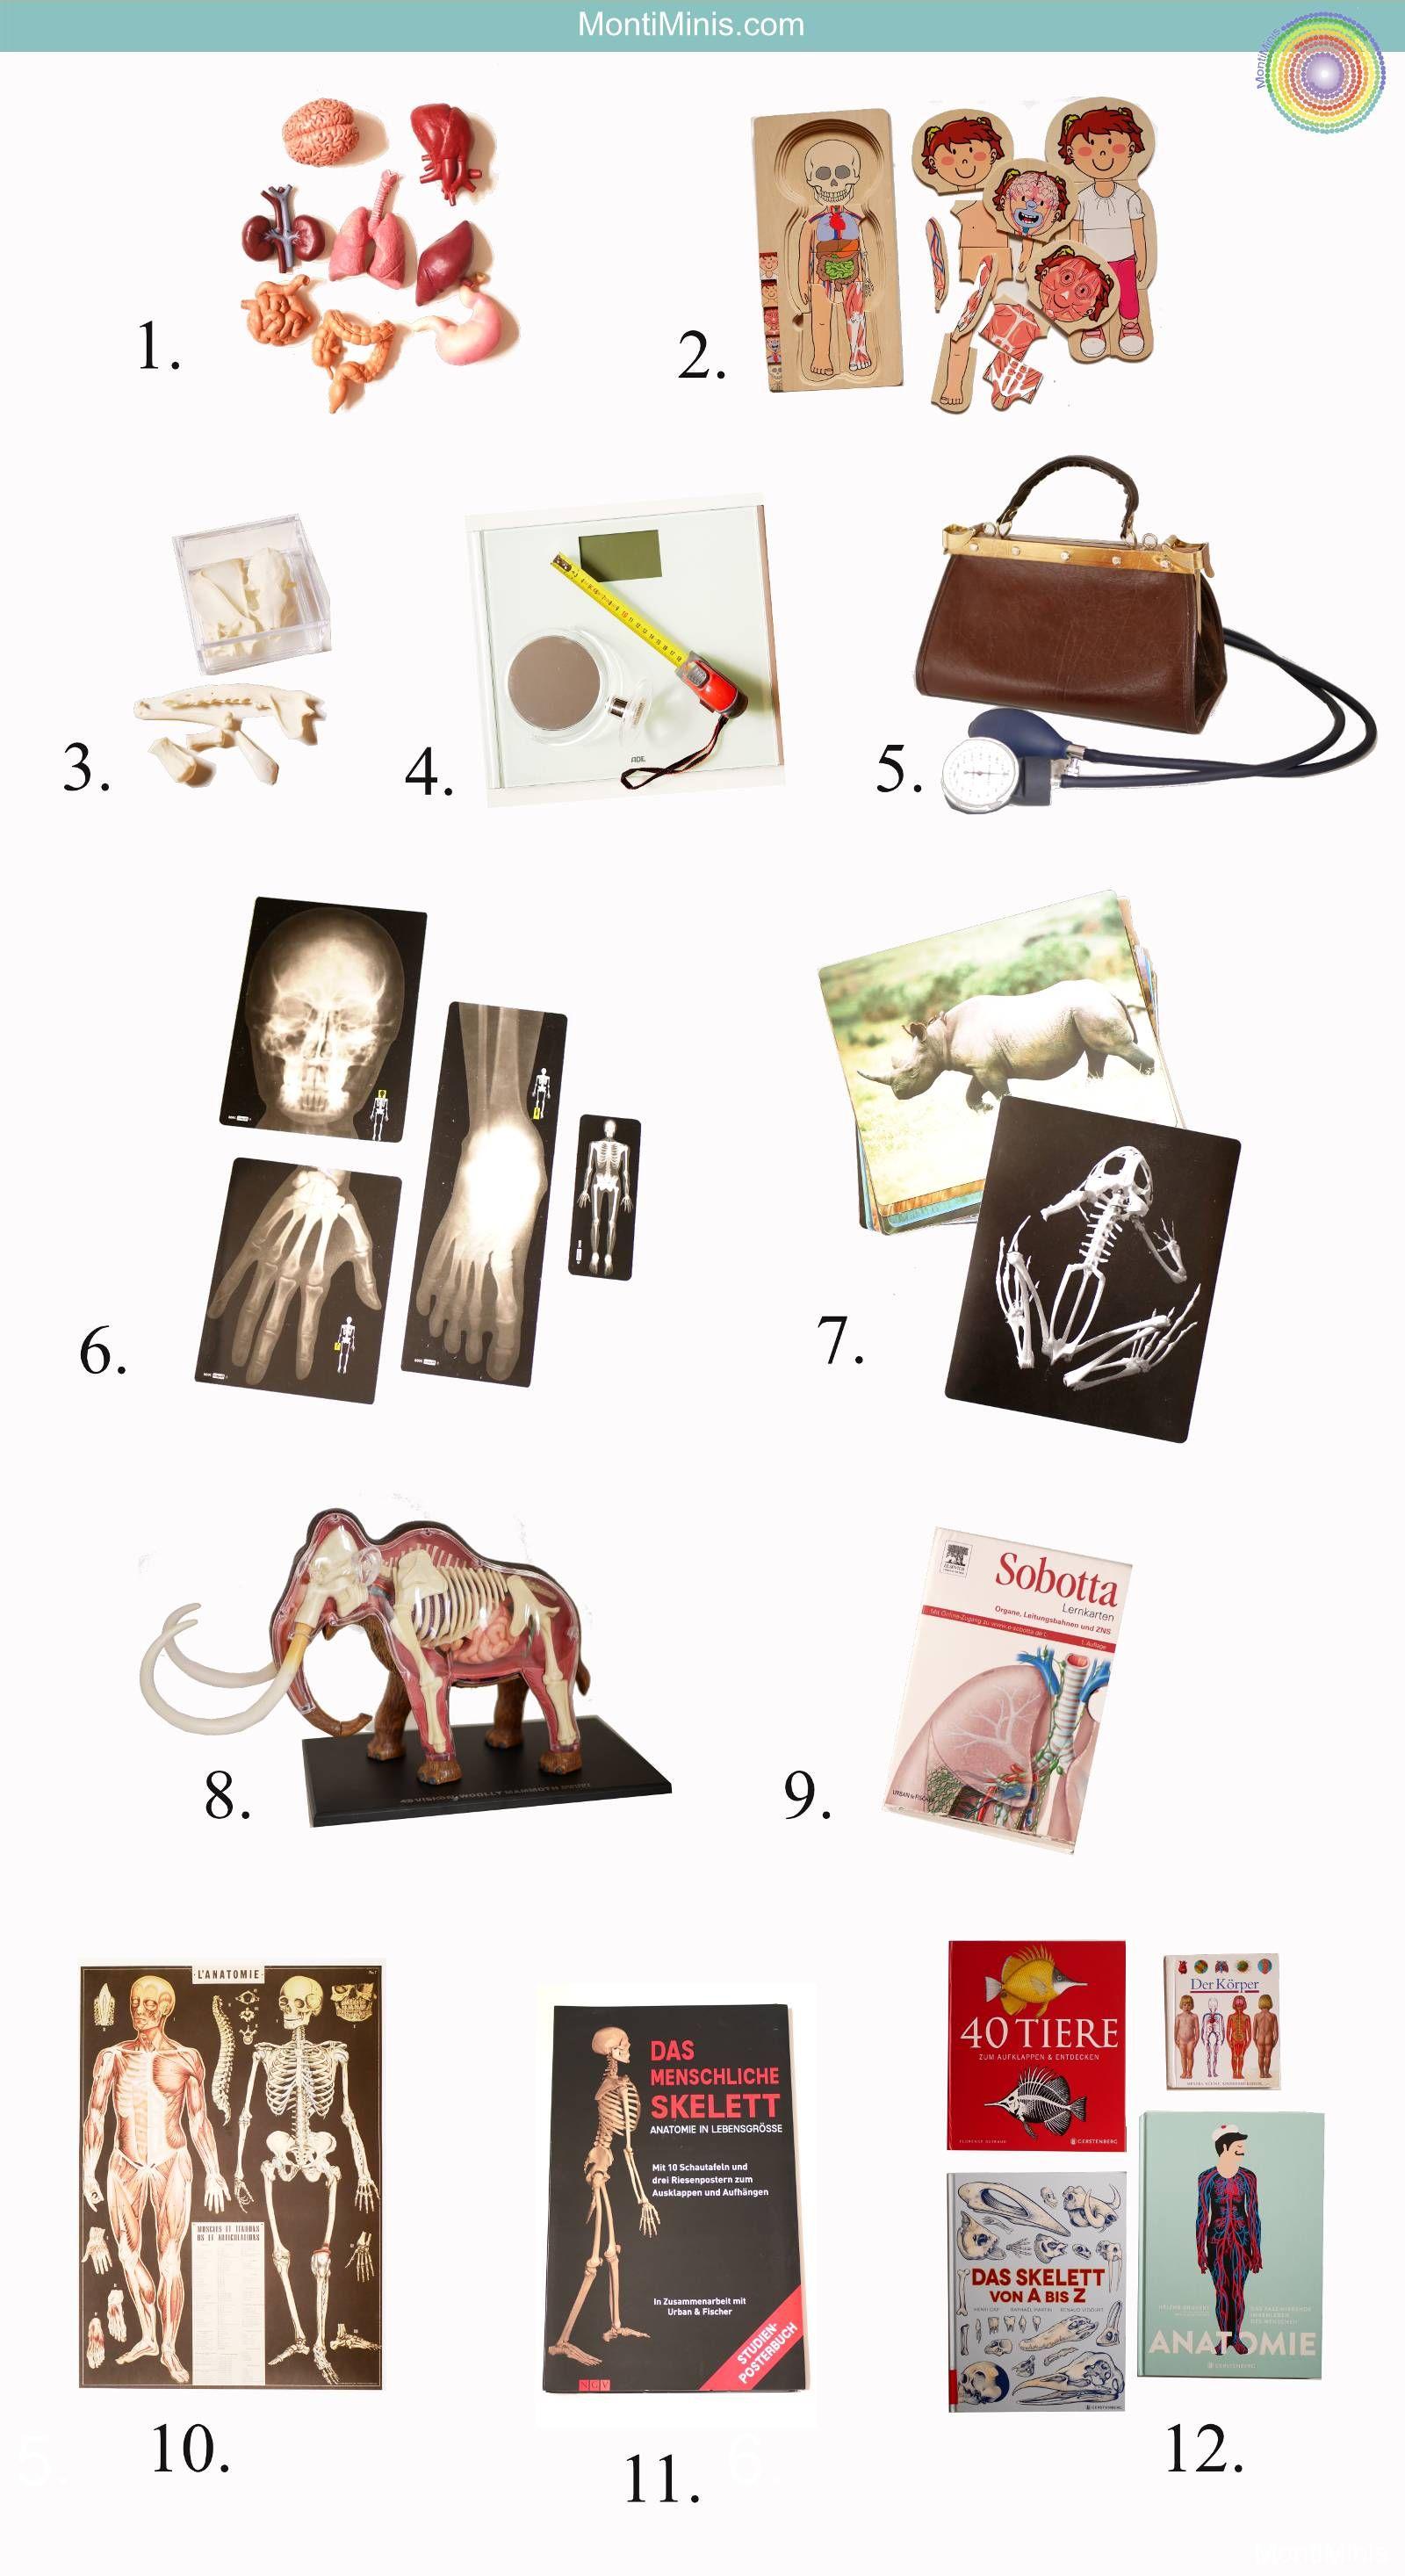 List of Pinterest anatomie mensch images & anatomie mensch pictures